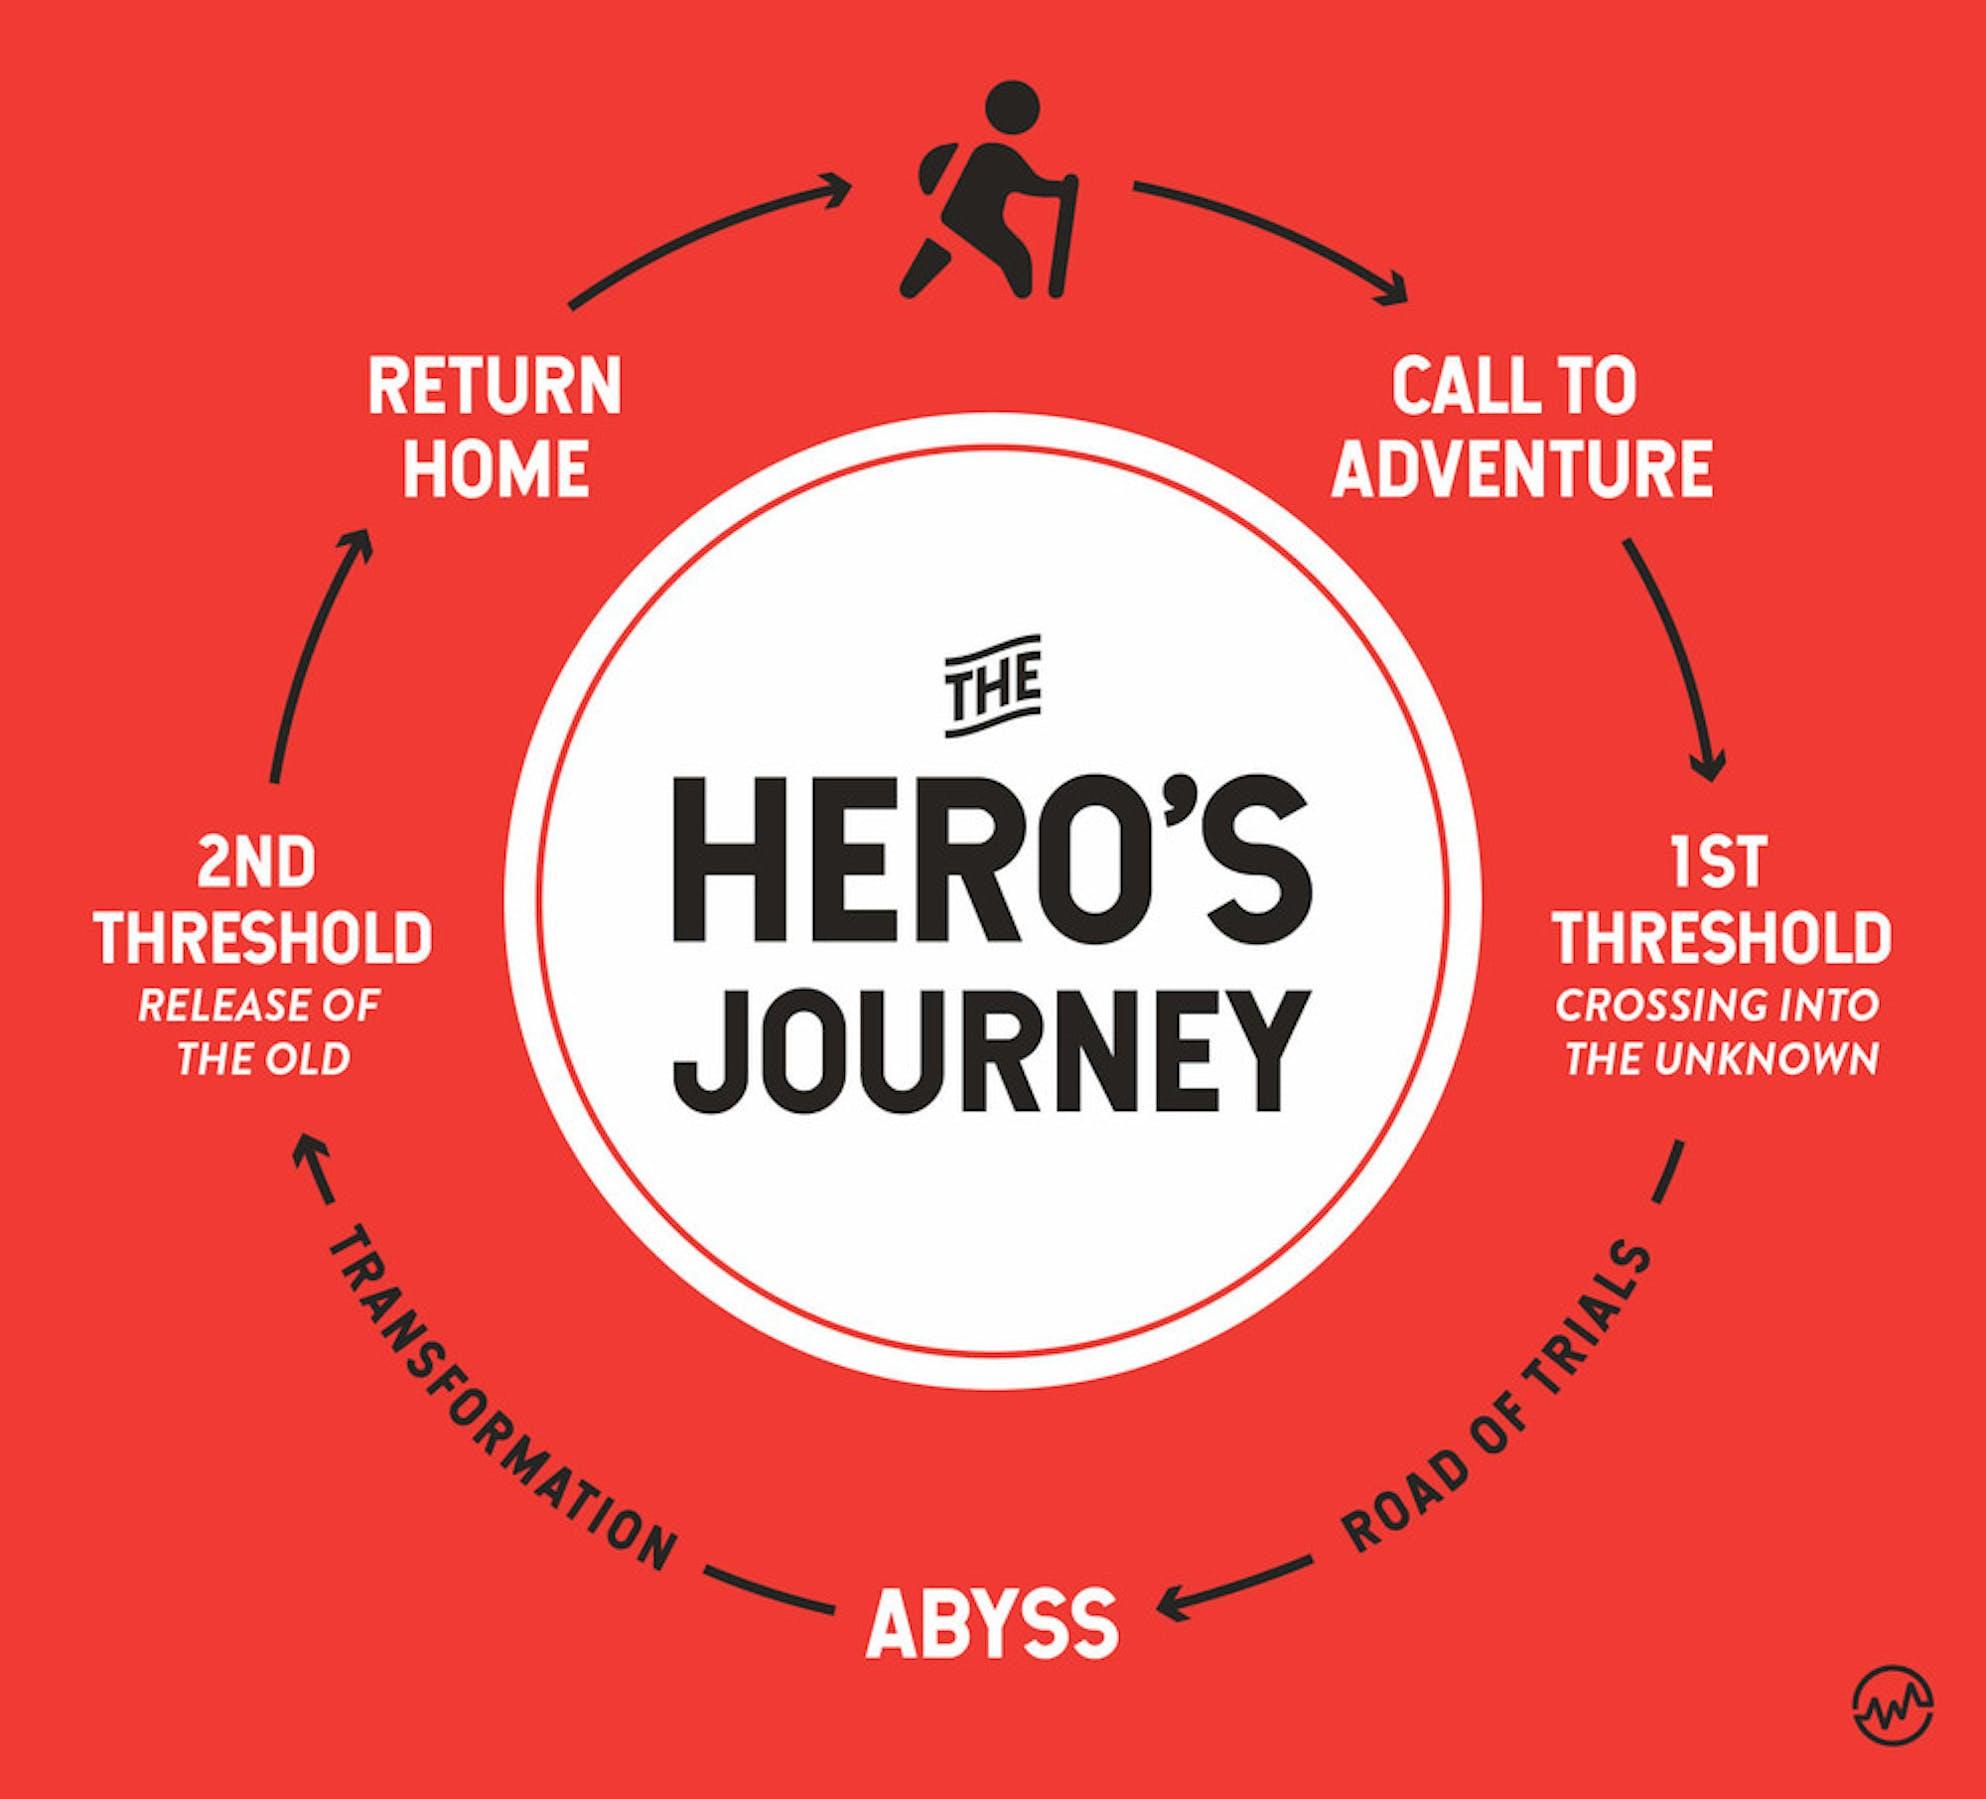 The Hero's Journey graphic